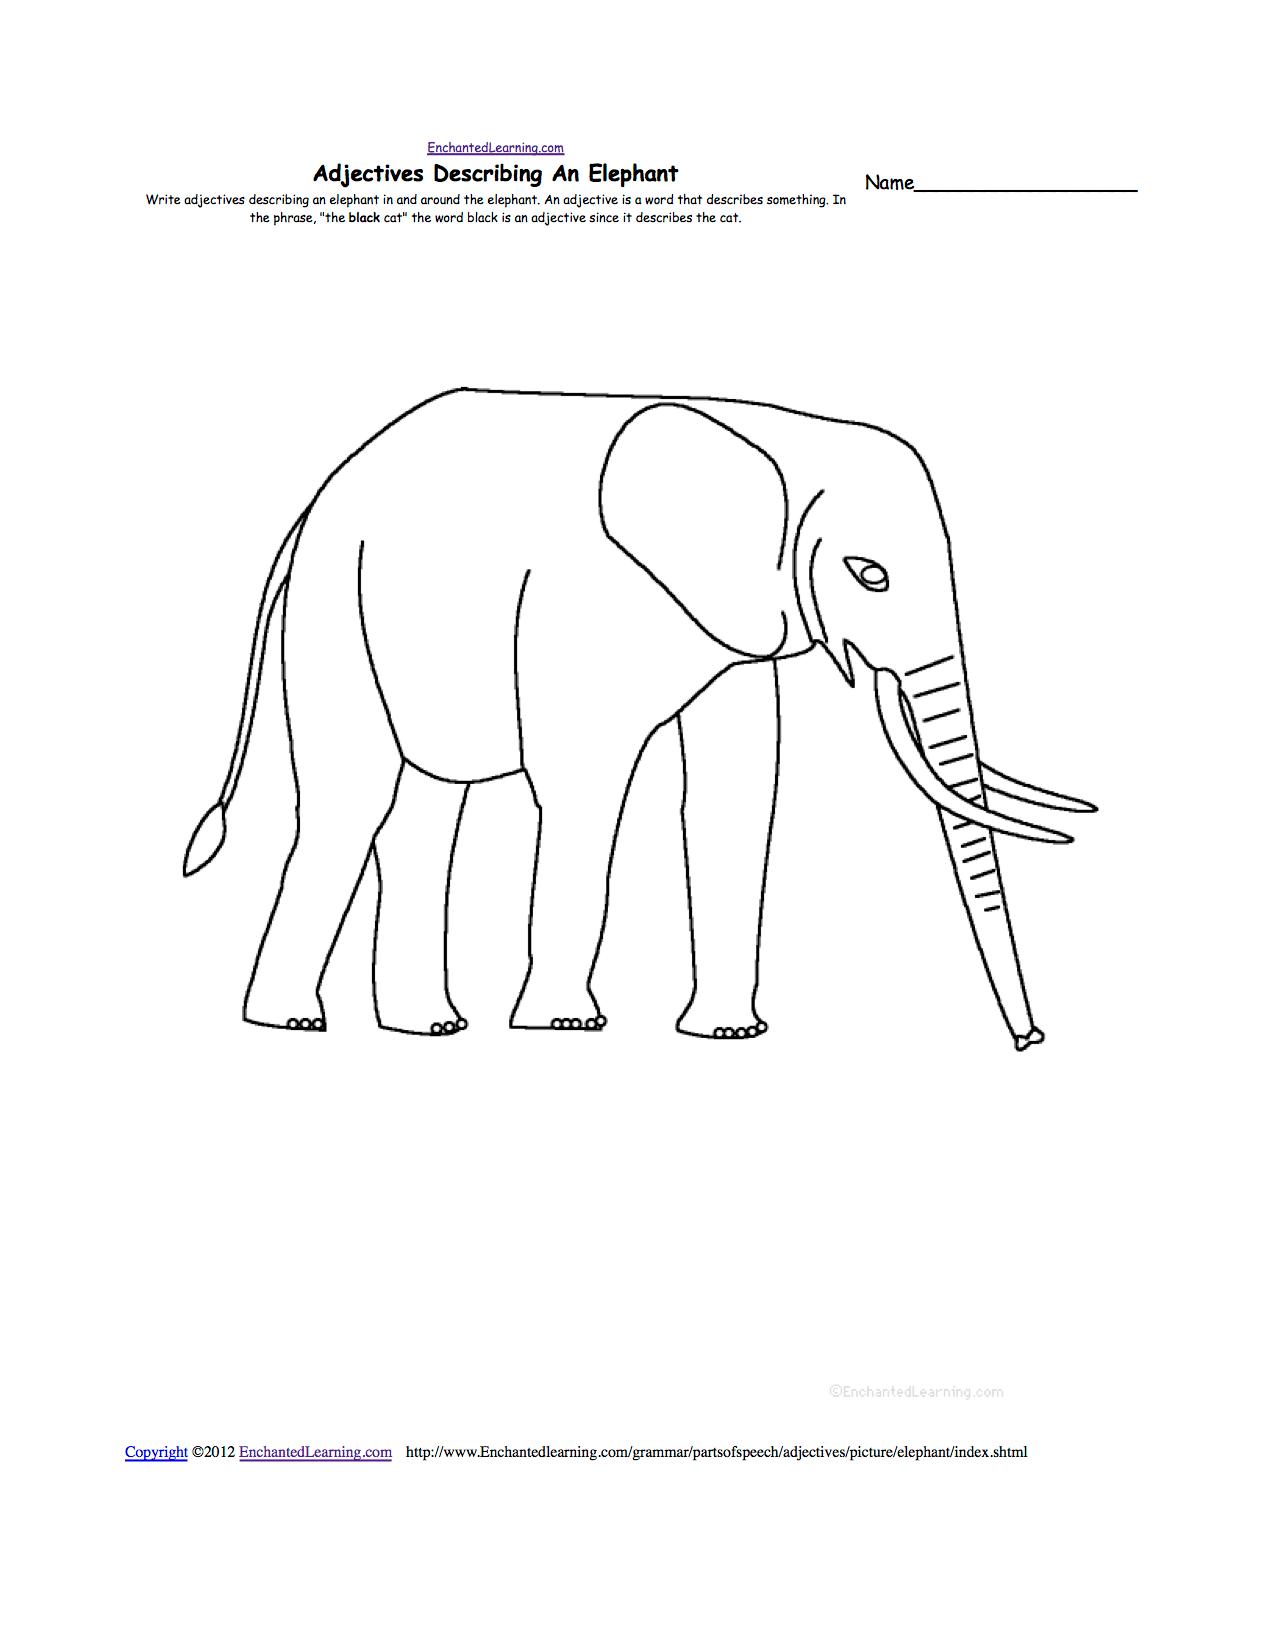 Elephants At Enchantedlearning